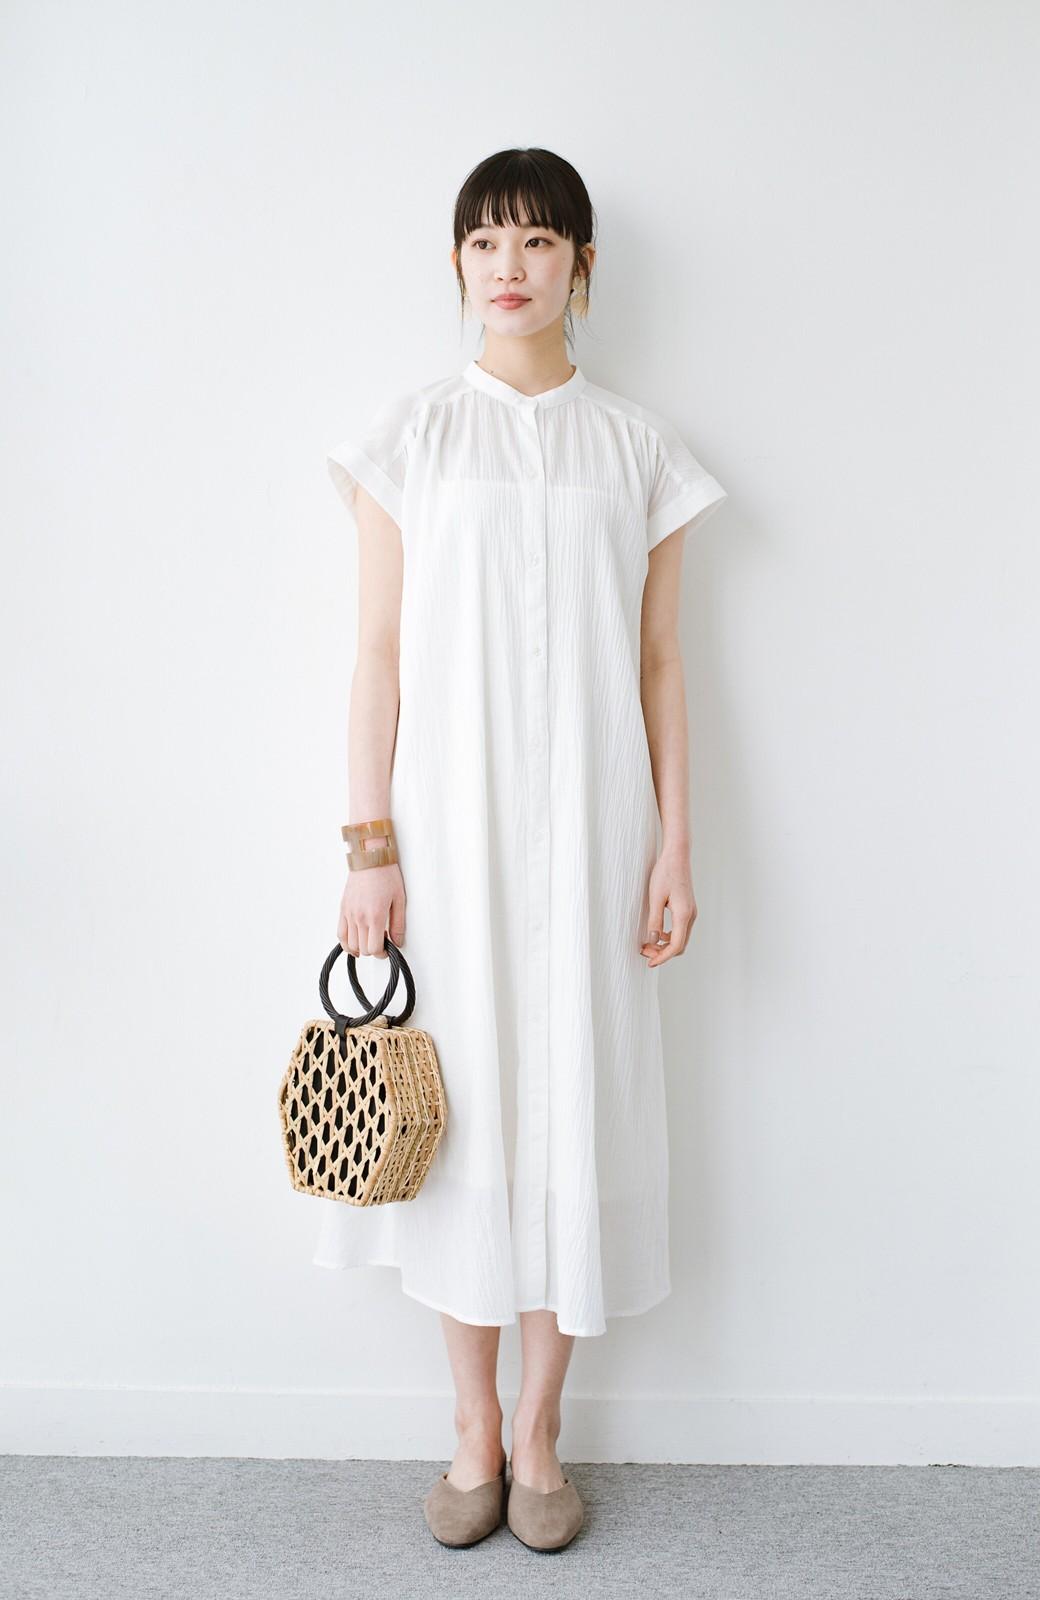 haco! 今から夏まで快適に楽ちんに過ごす!シンプル派もちょっぴり女っぽくなれる着まわしセットby staff ありー <その他>の商品写真8